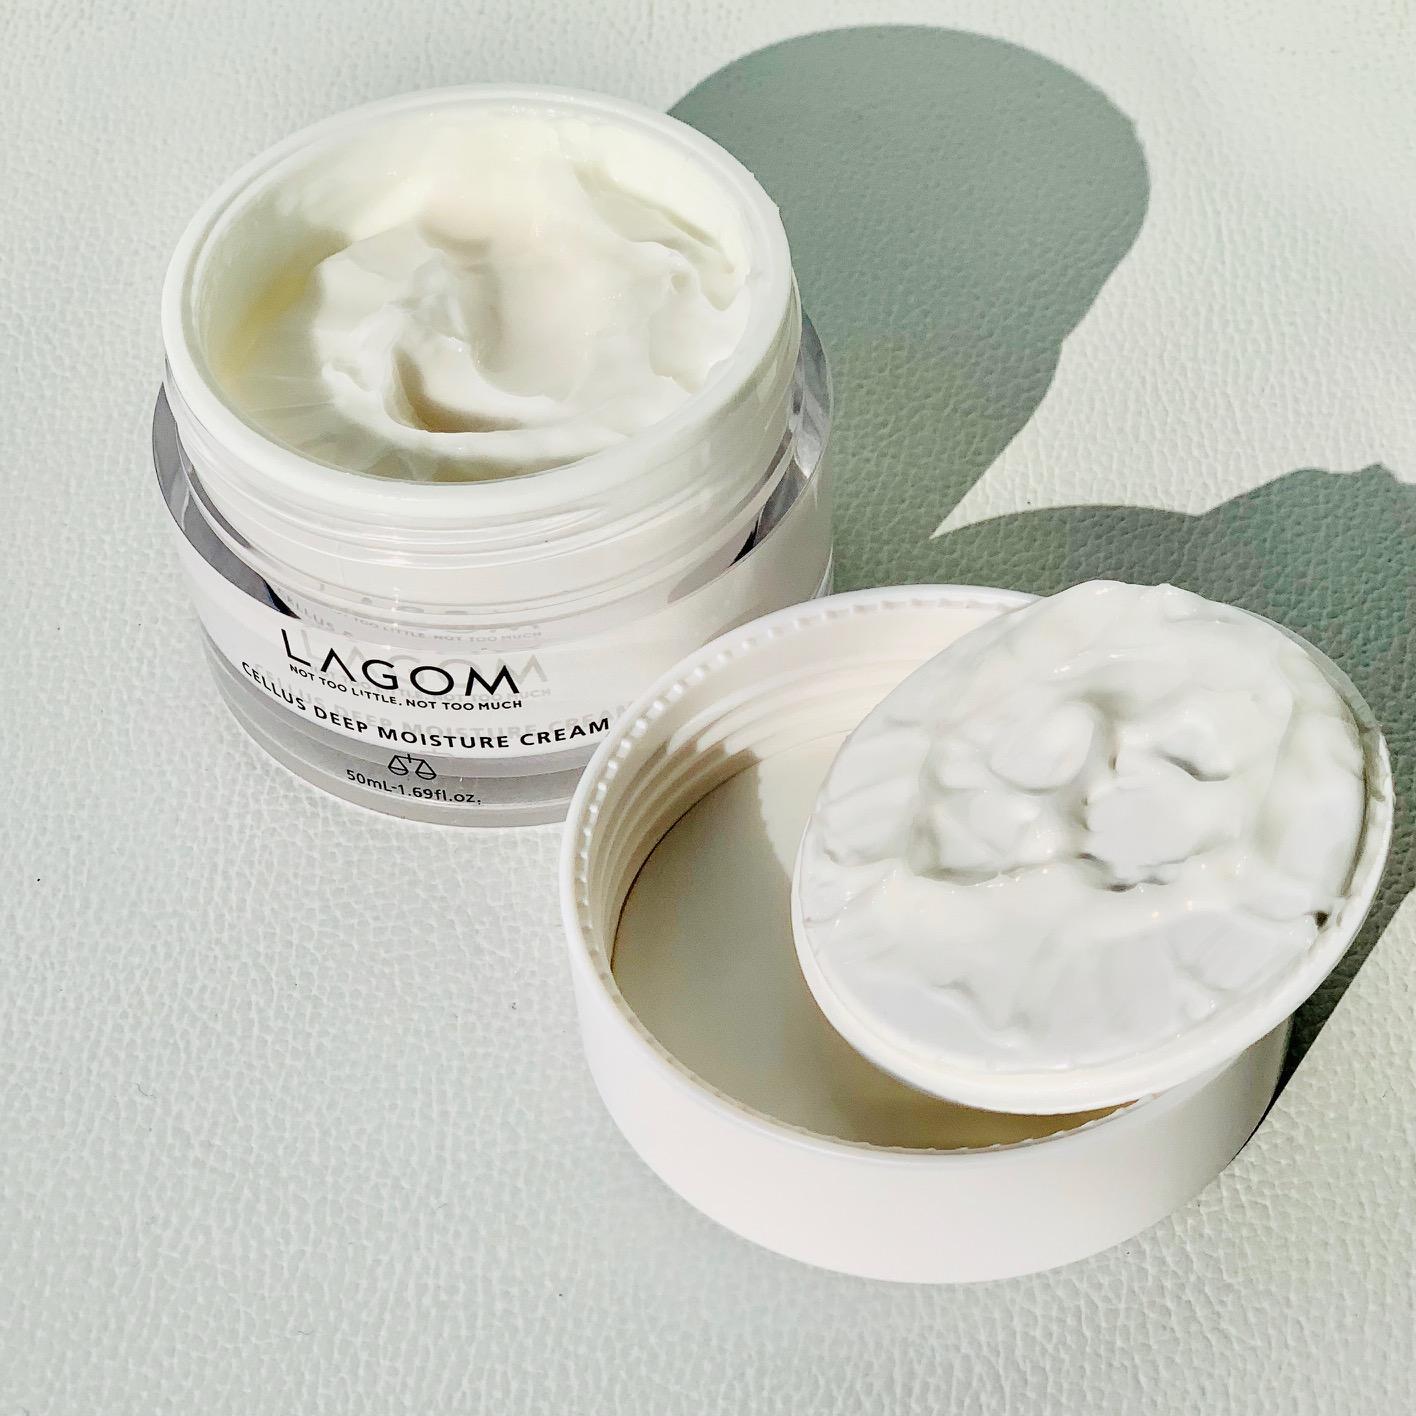 Lagom Cellus Mild Moisture Cream